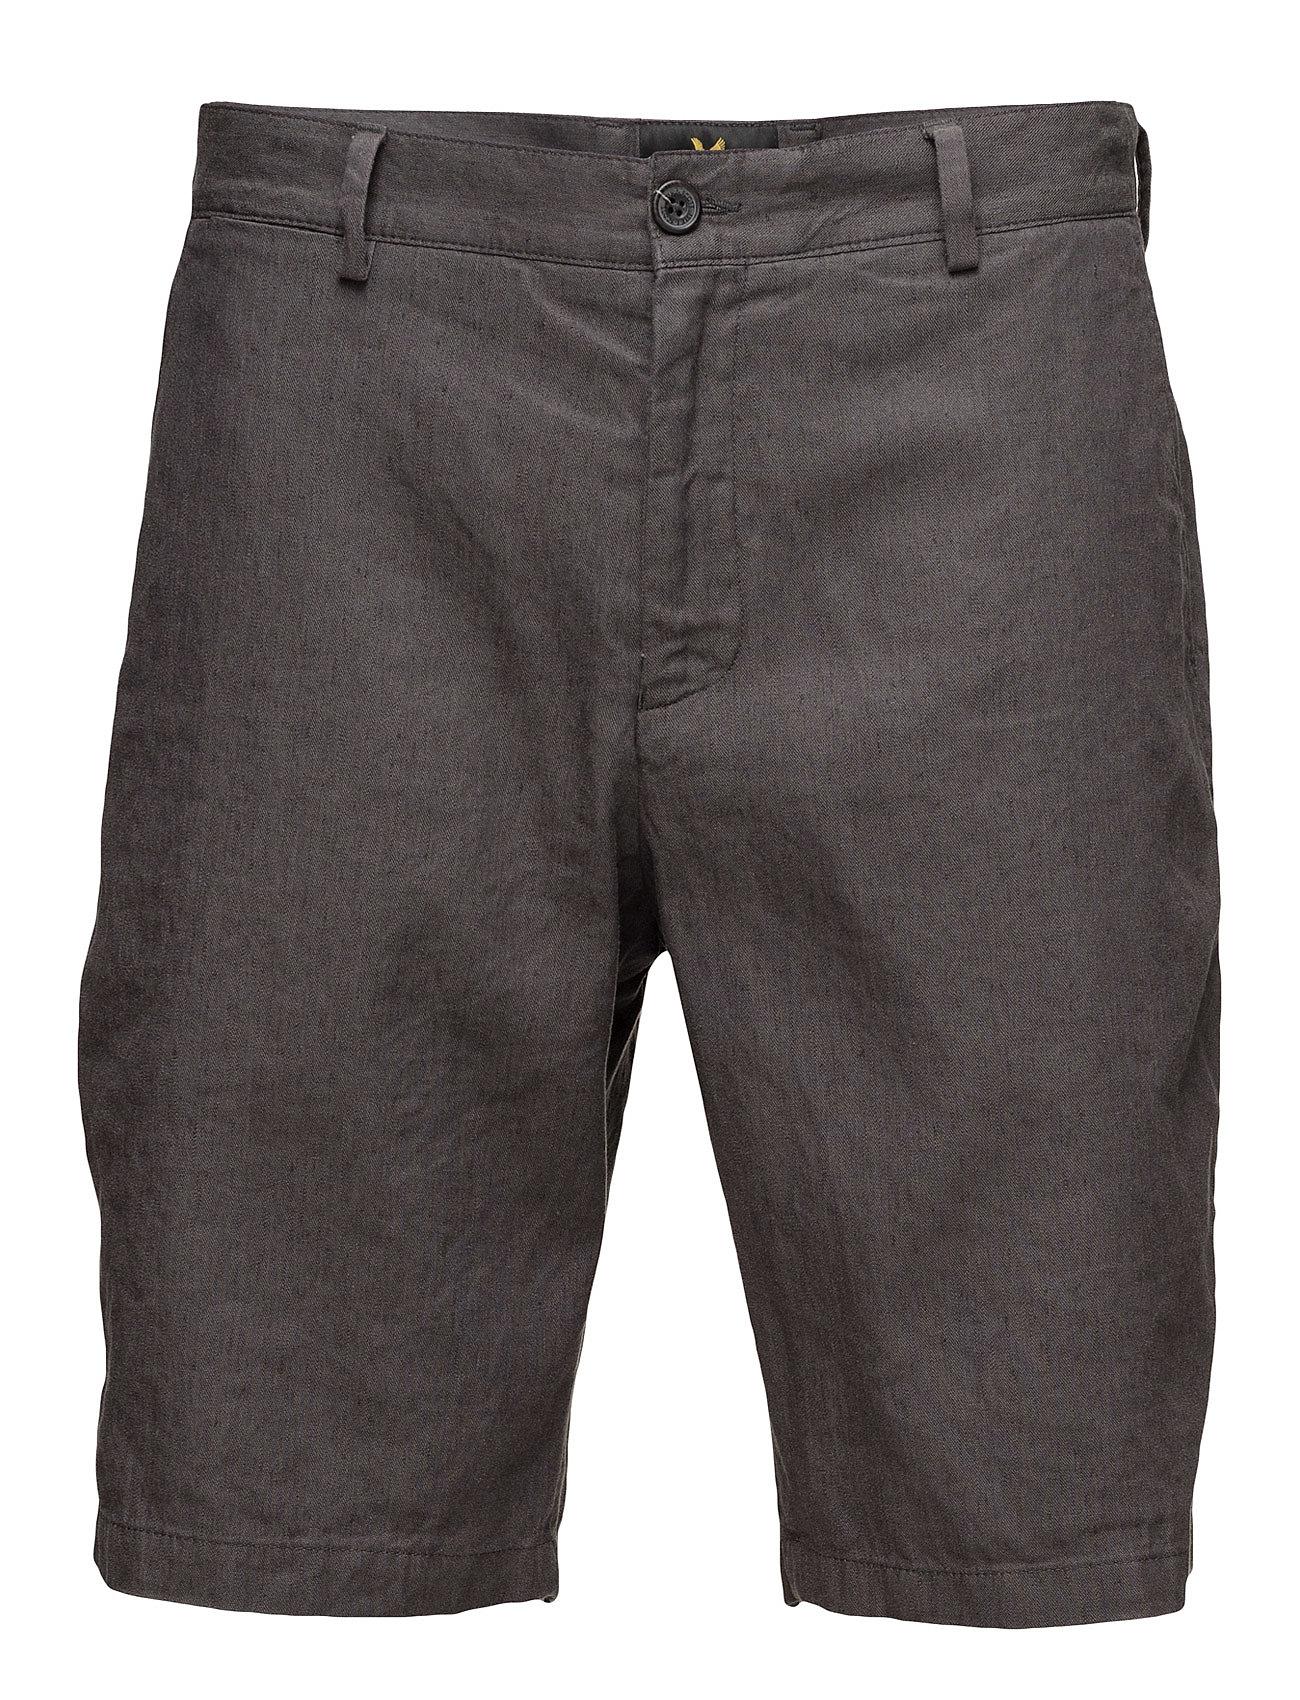 Cotton Linen Short Lyle & Scott Bermuda Shorts